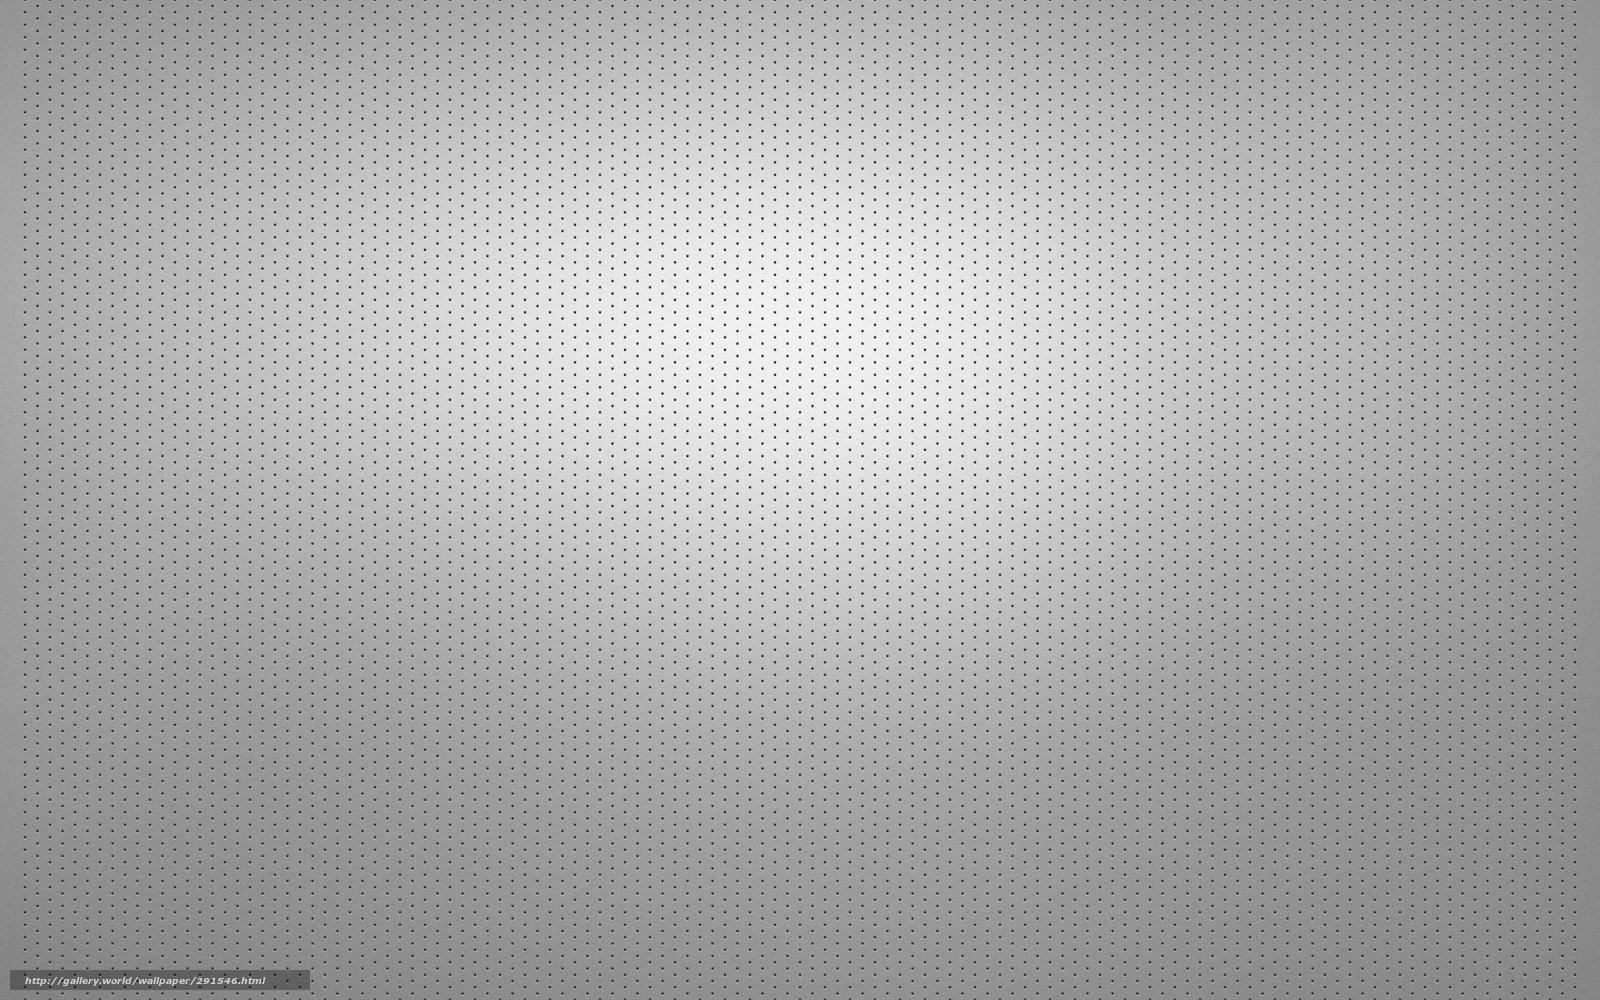 Tlcharger fond d 39 ecran texture image papier peint fonds for Papier peint ecran